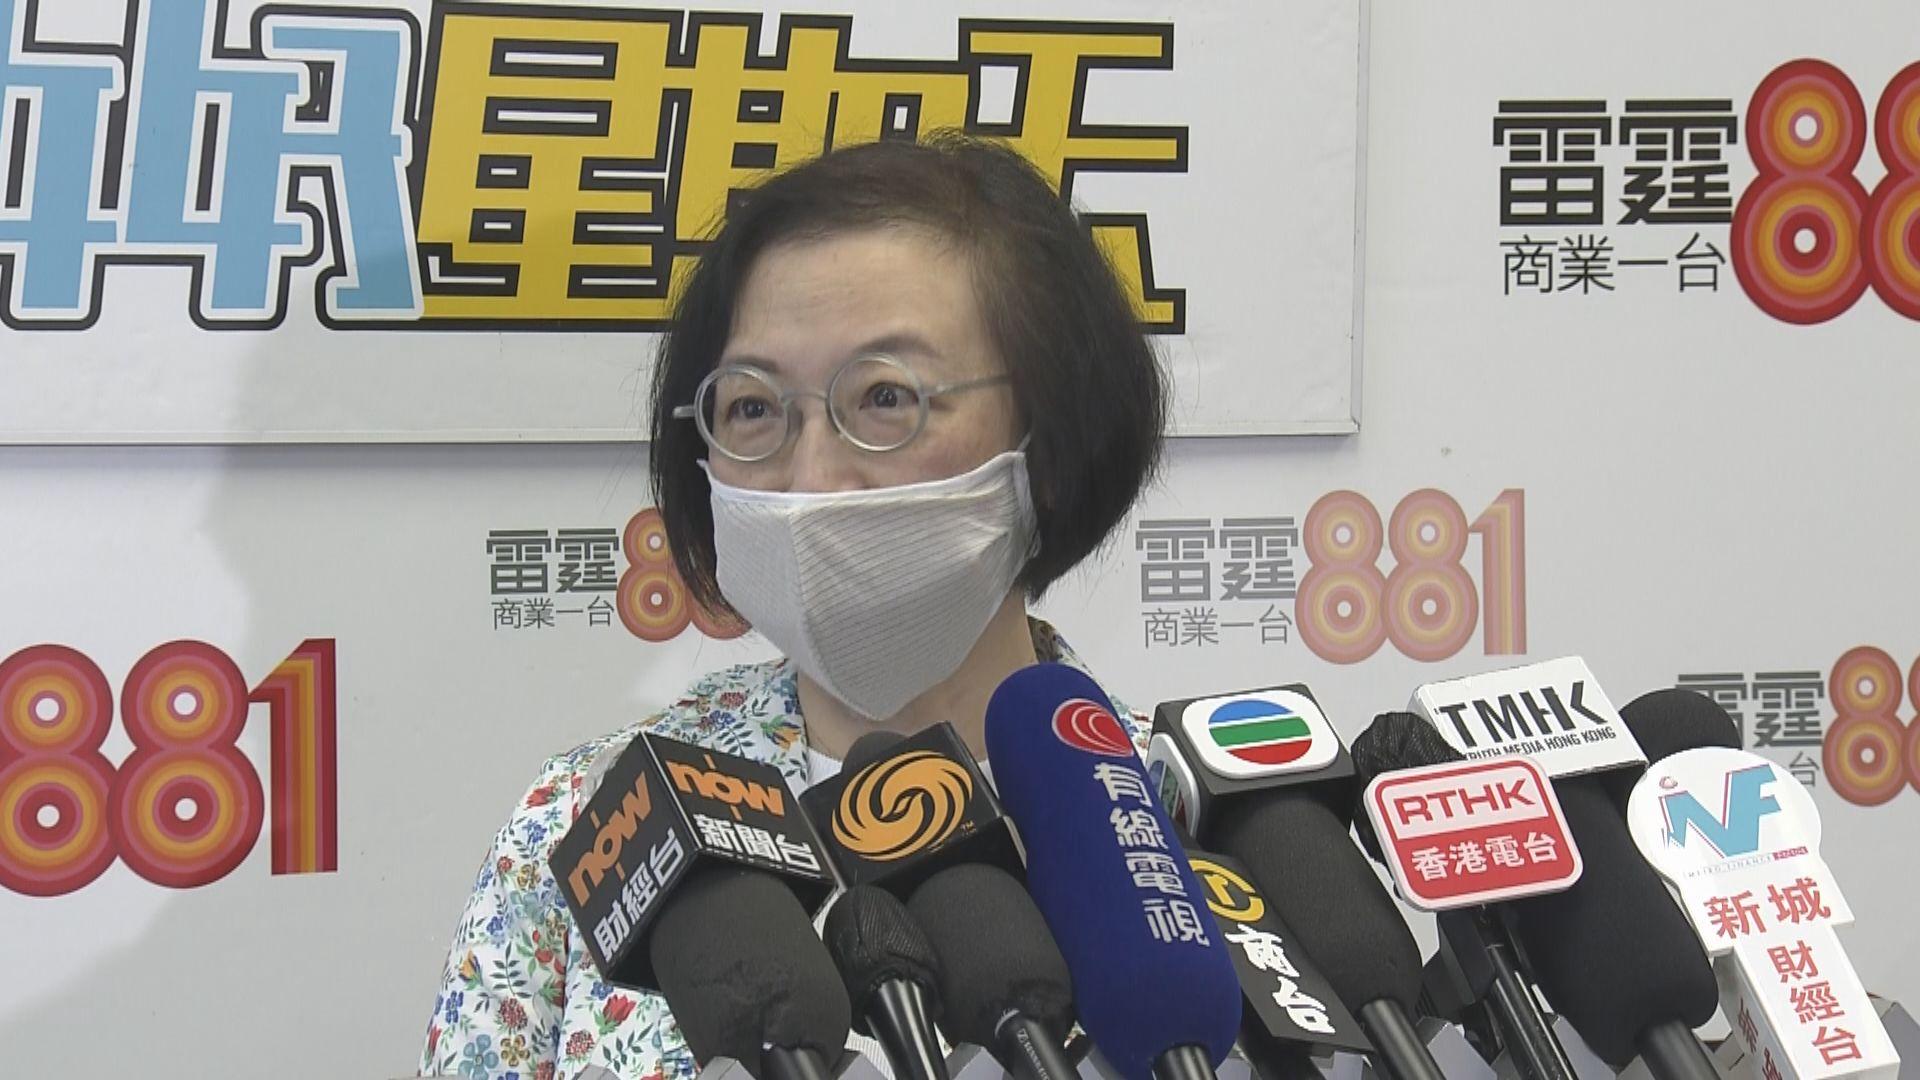 陳肇始︰粵港澳商機制縮短檢疫時間